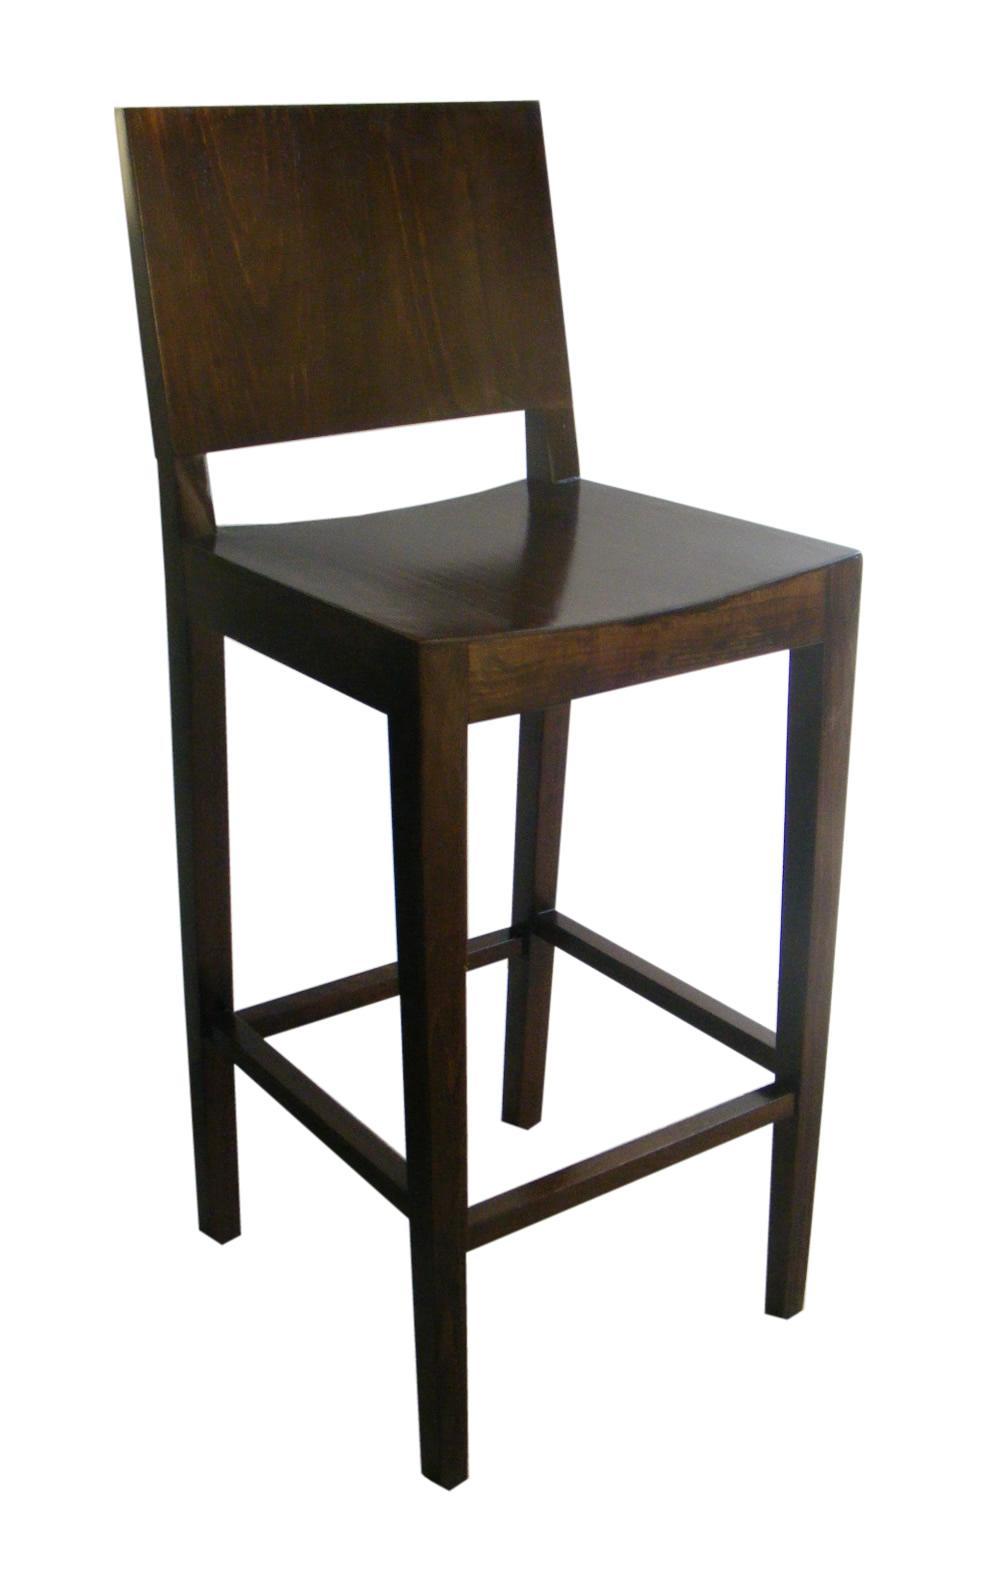 Sillas de barra dise o 300 0 1000 0 piezas mensual for Precio de sillas para barra